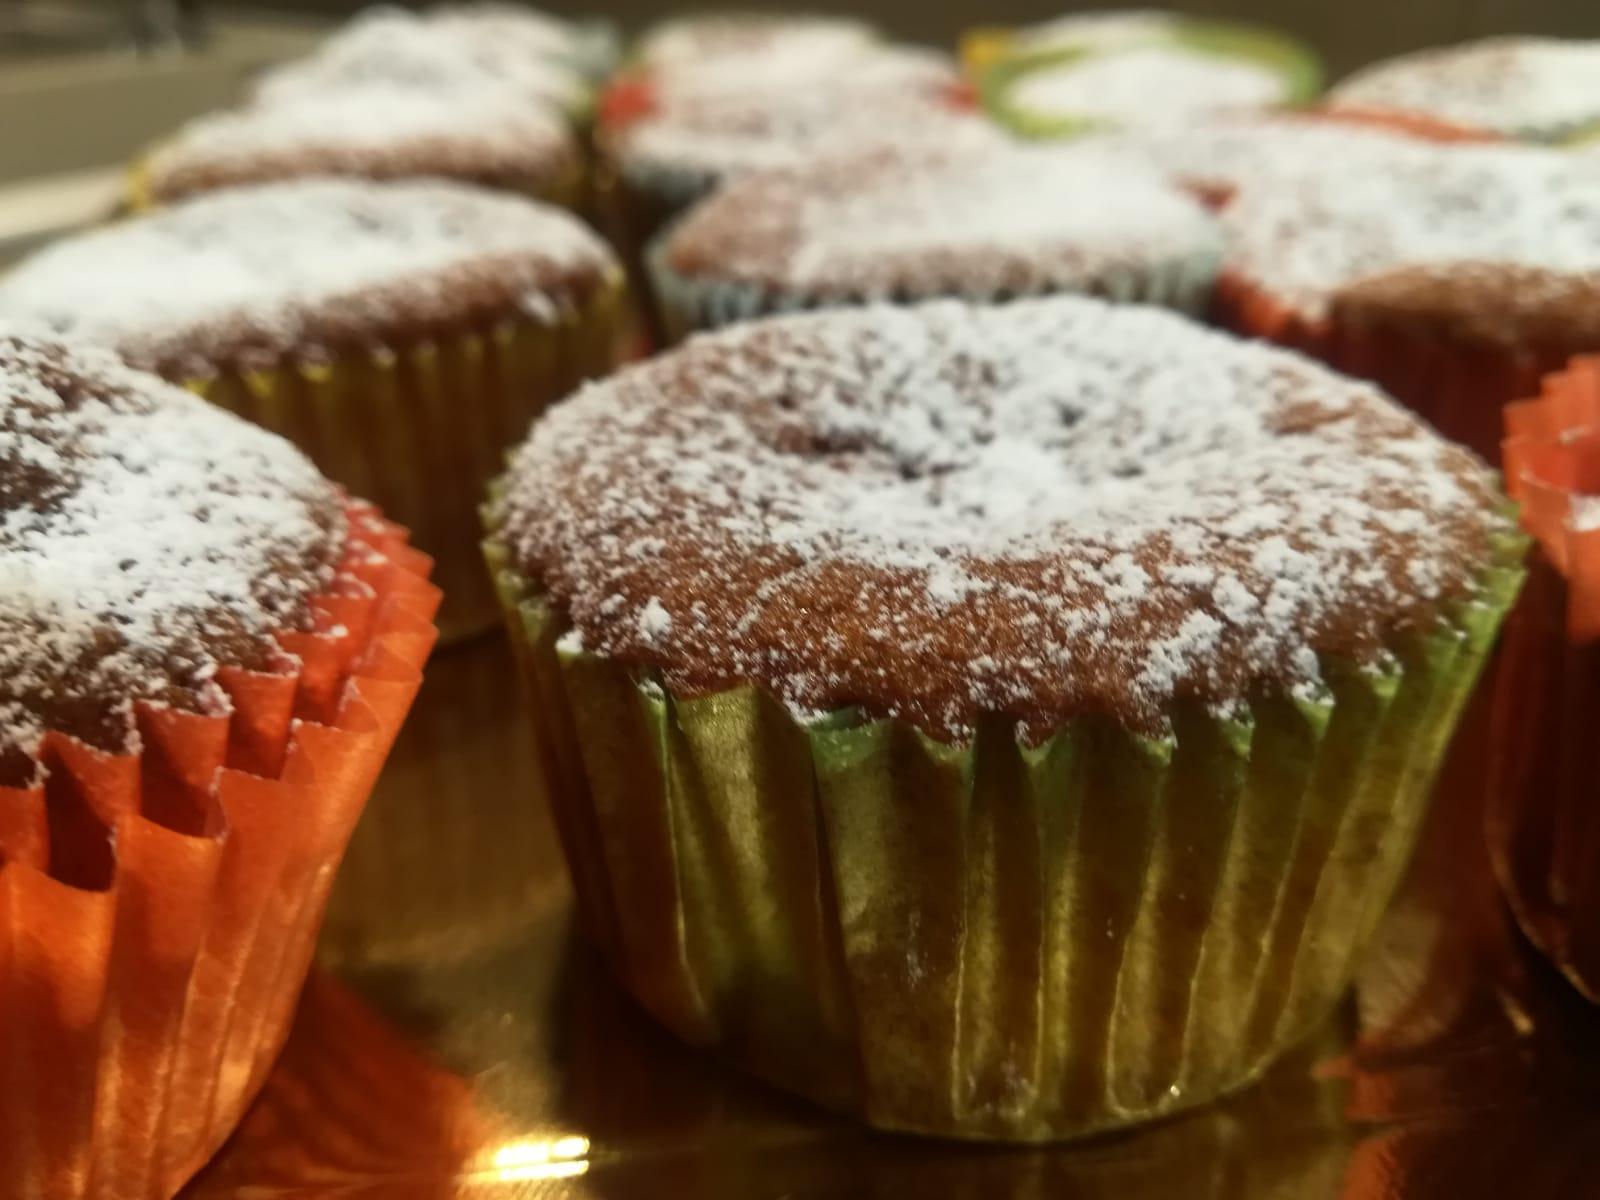 Muffin con panna e marmellata di albicocche della Monica